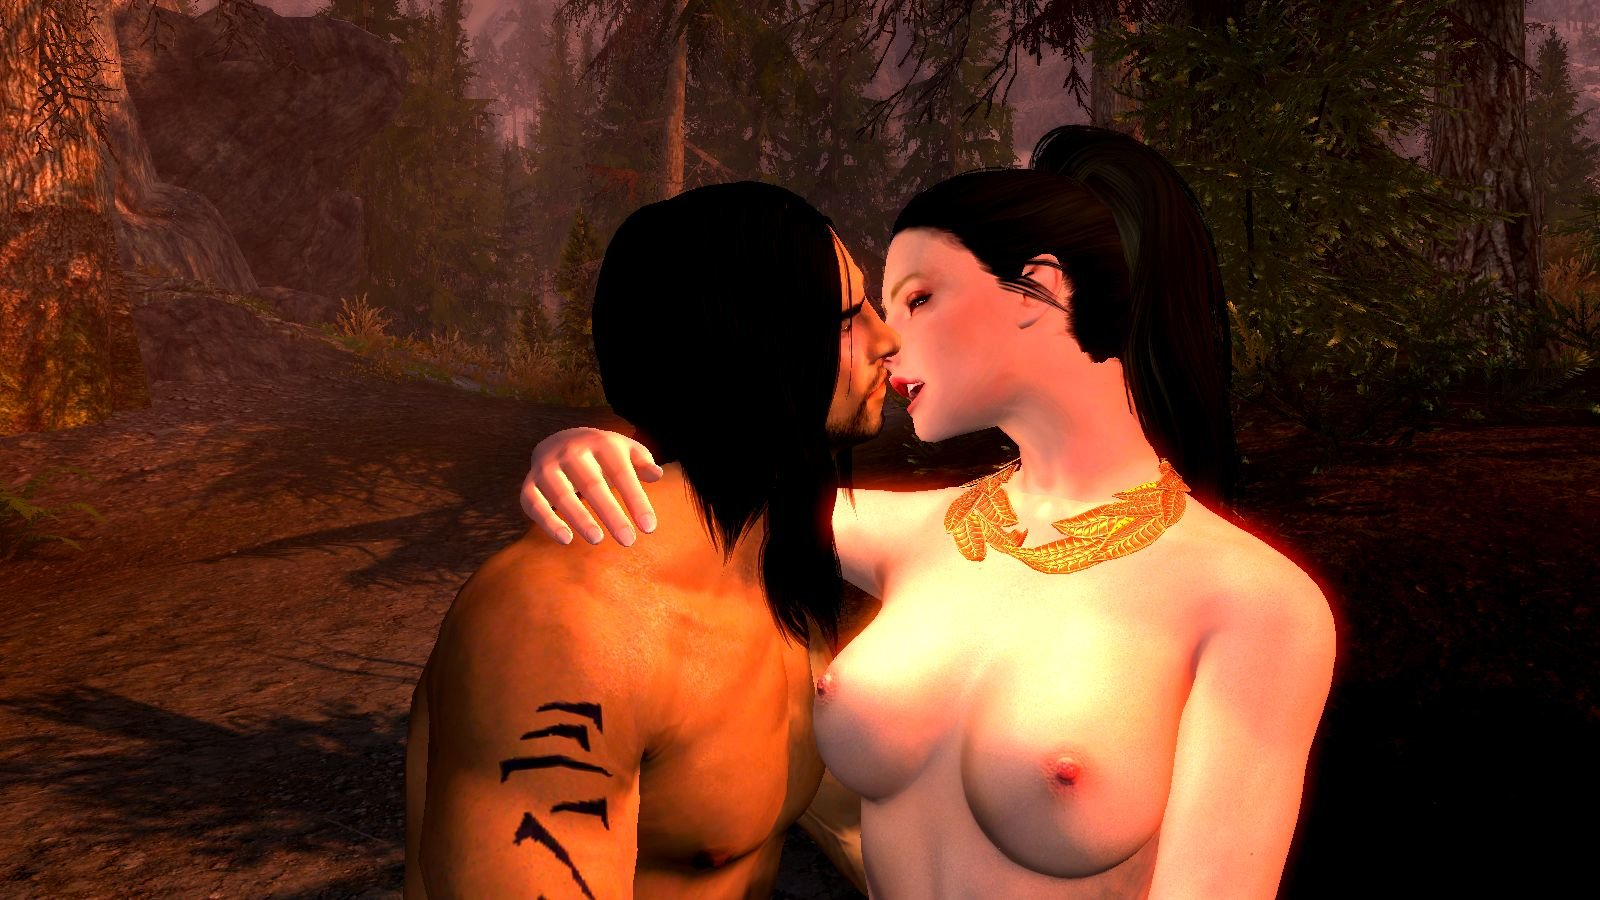 Поцелую и станет она чудо-женщиной! ;)